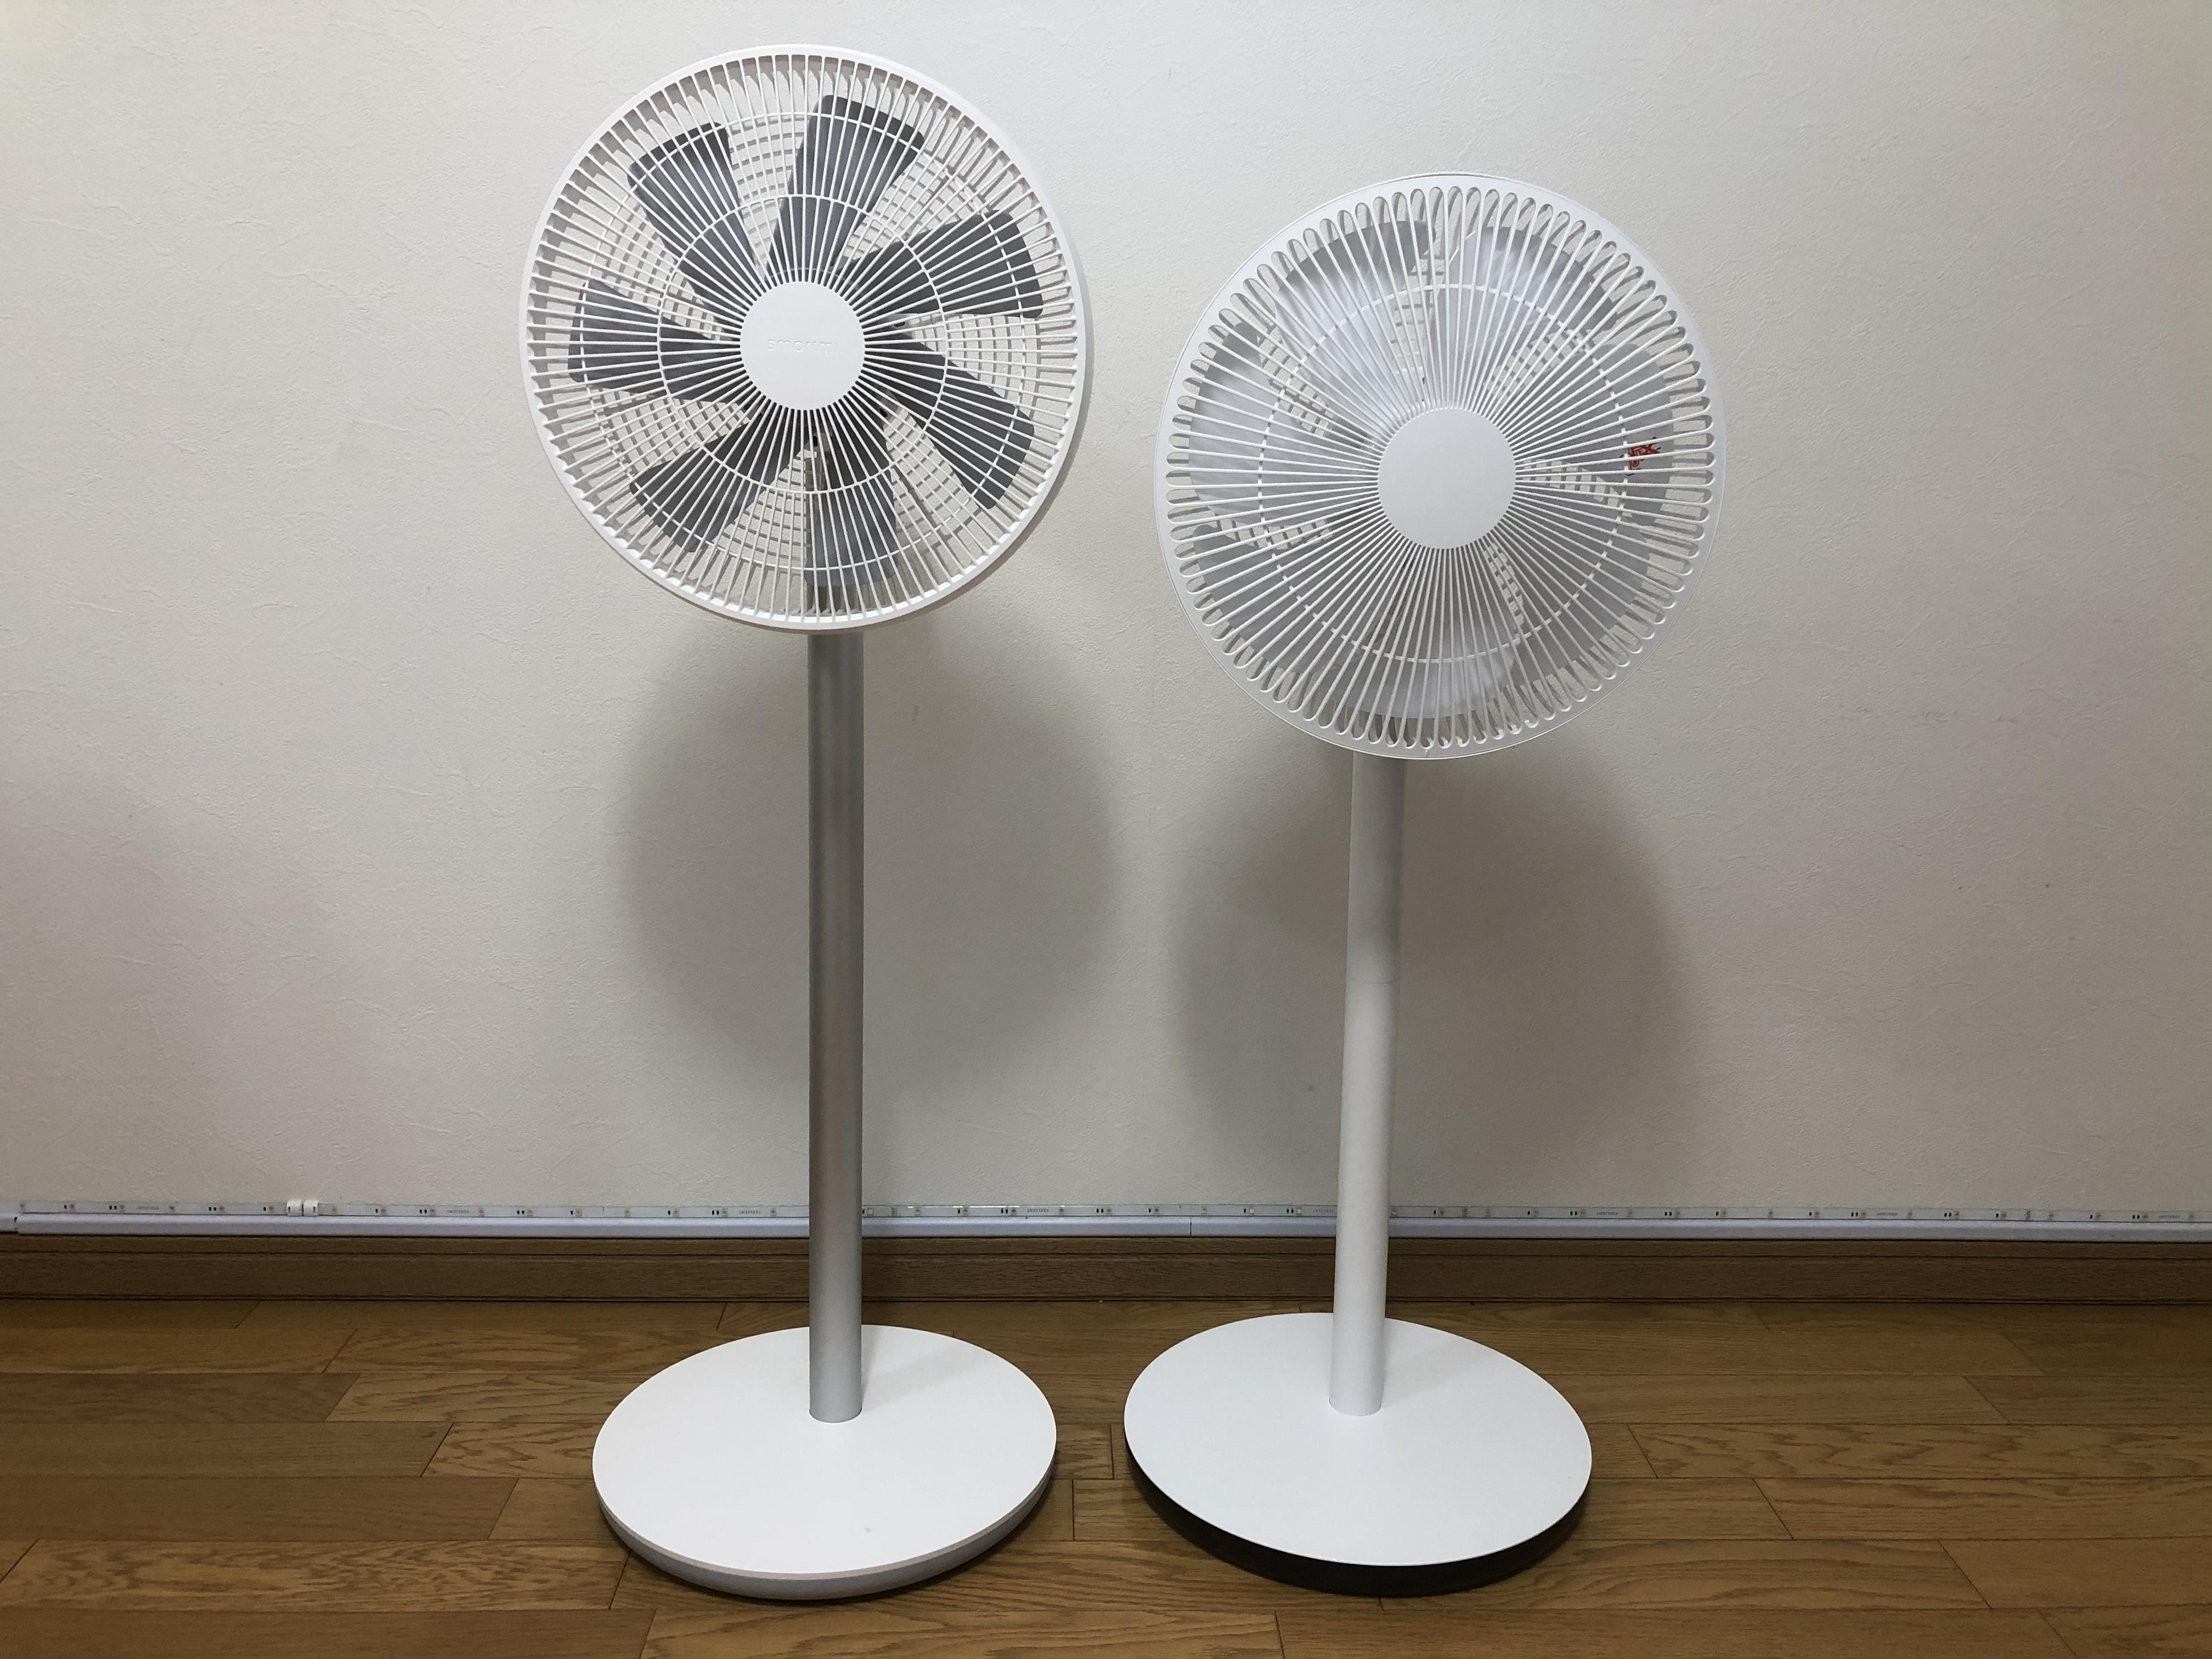 左がSmartmiの「スマート扇風機 2S」で、右が+Styleオリジナルの「スマート扇風機」